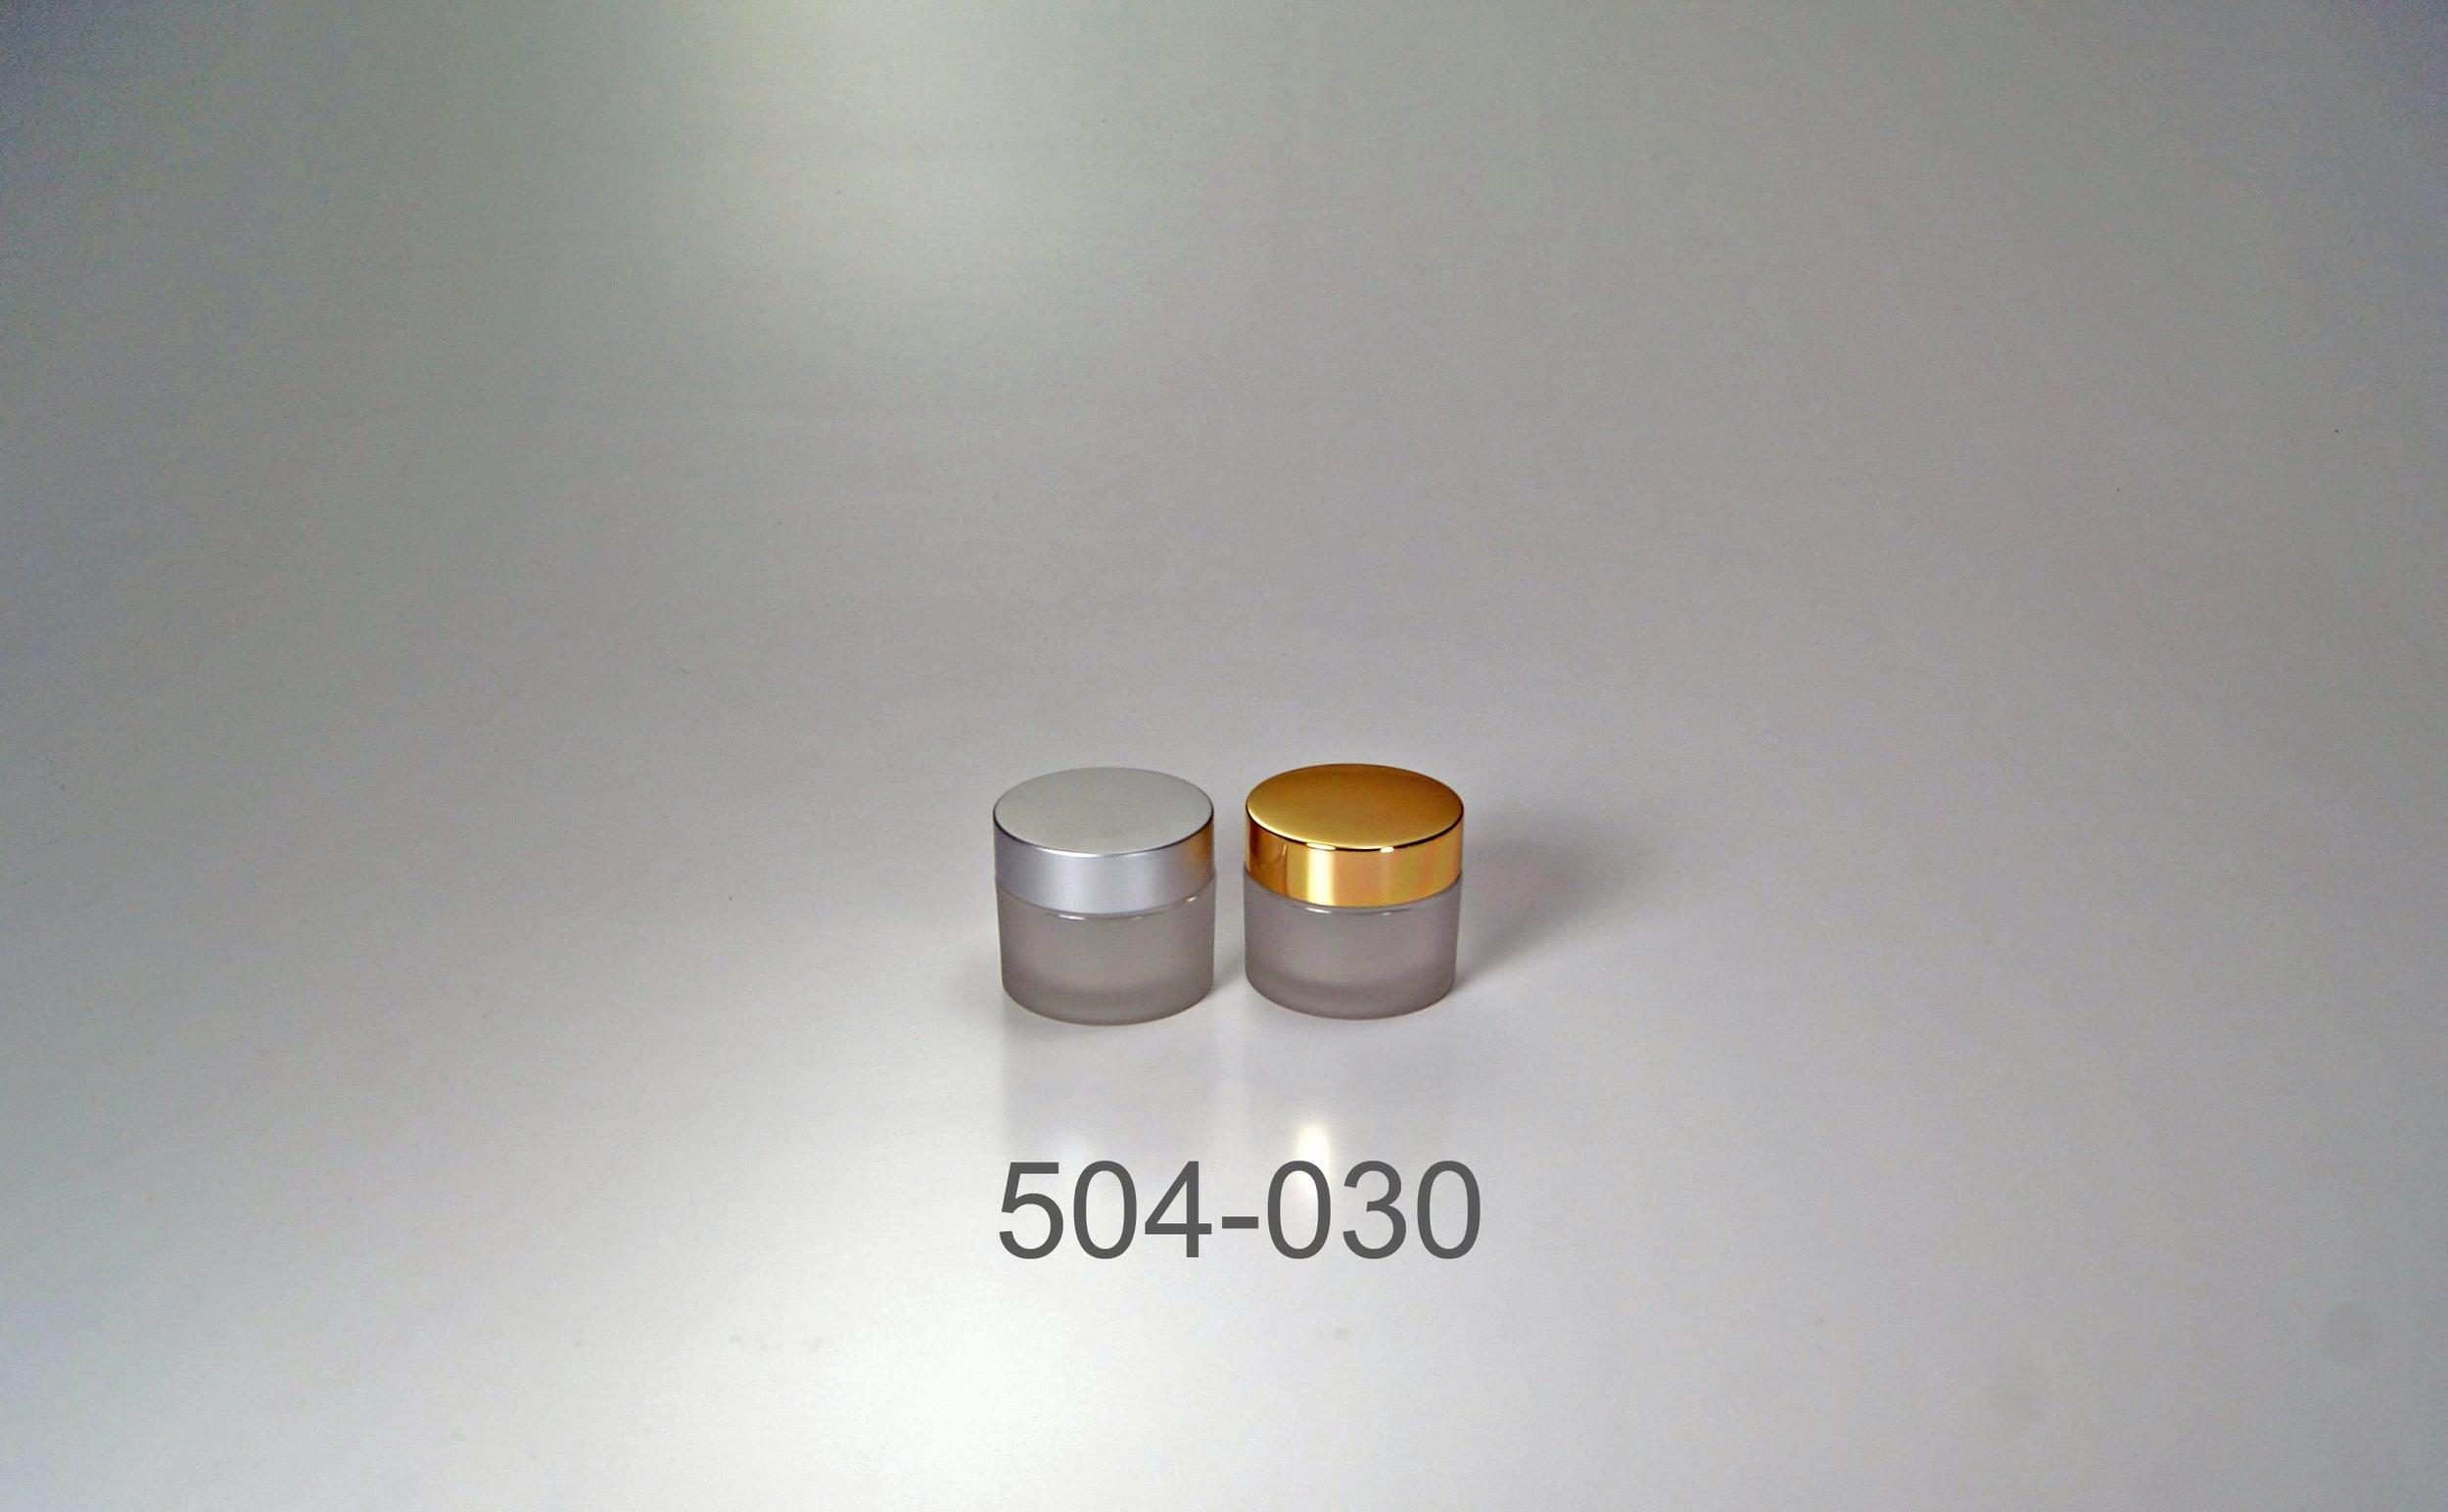 504-030.jpg